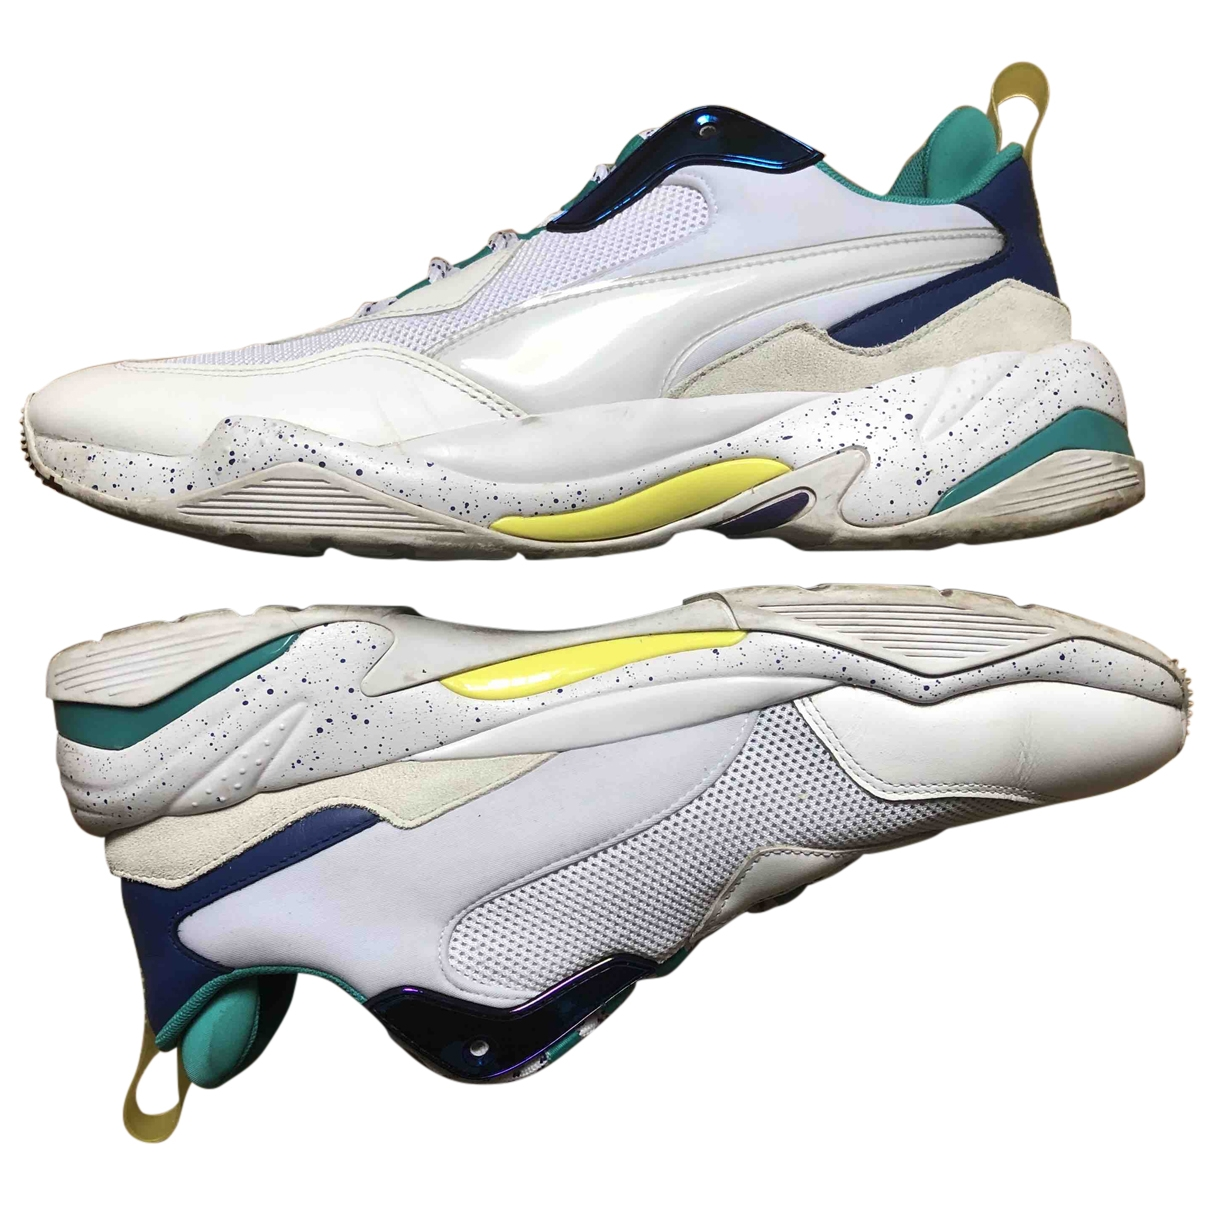 Puma - Baskets   pour homme en toile - blanc